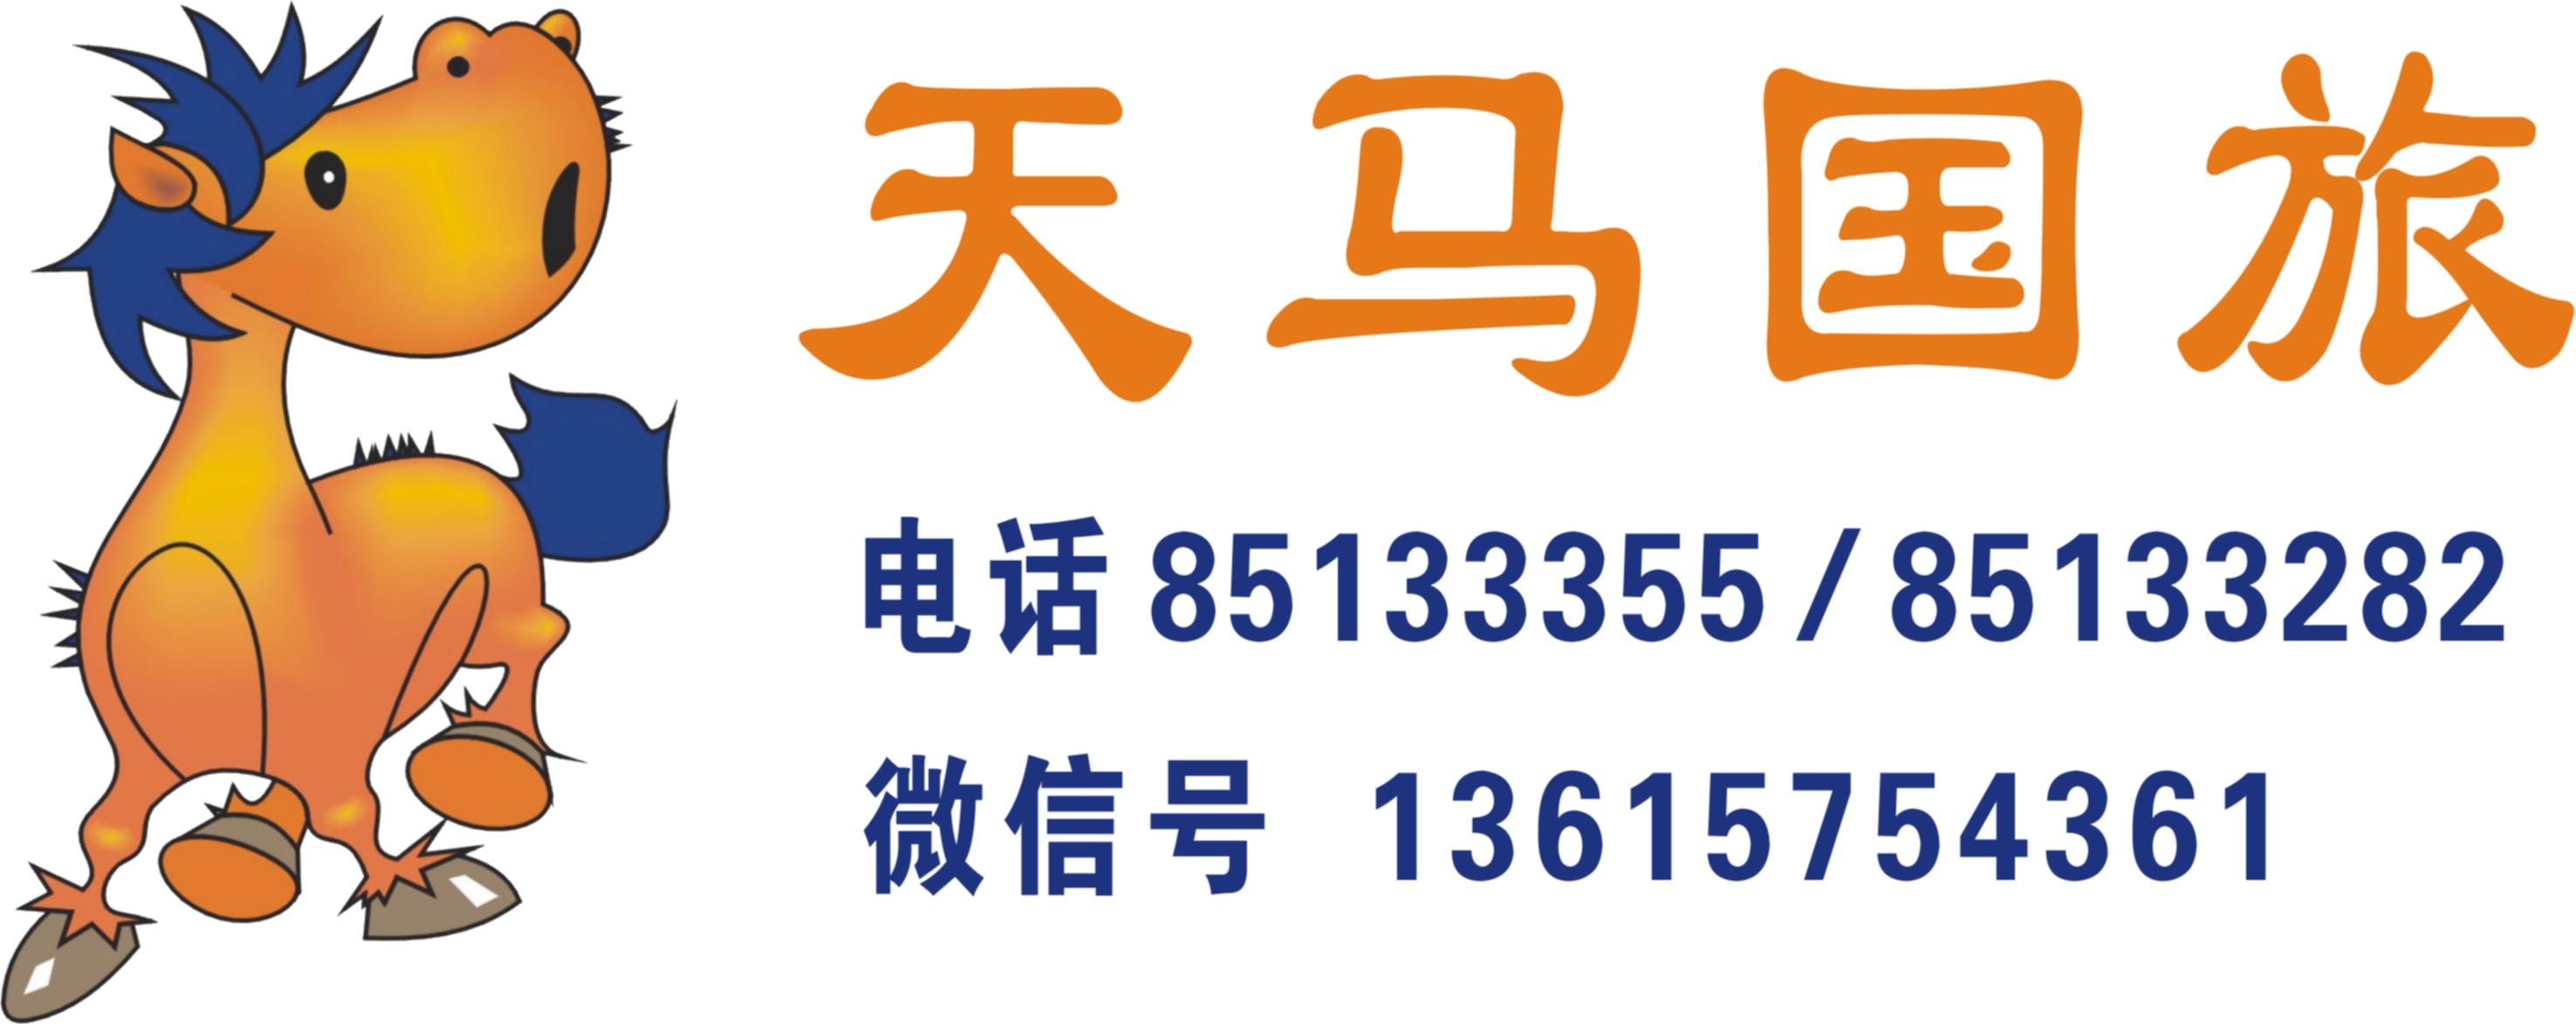 2.24【杭州野生动物园特价一日】308元/对